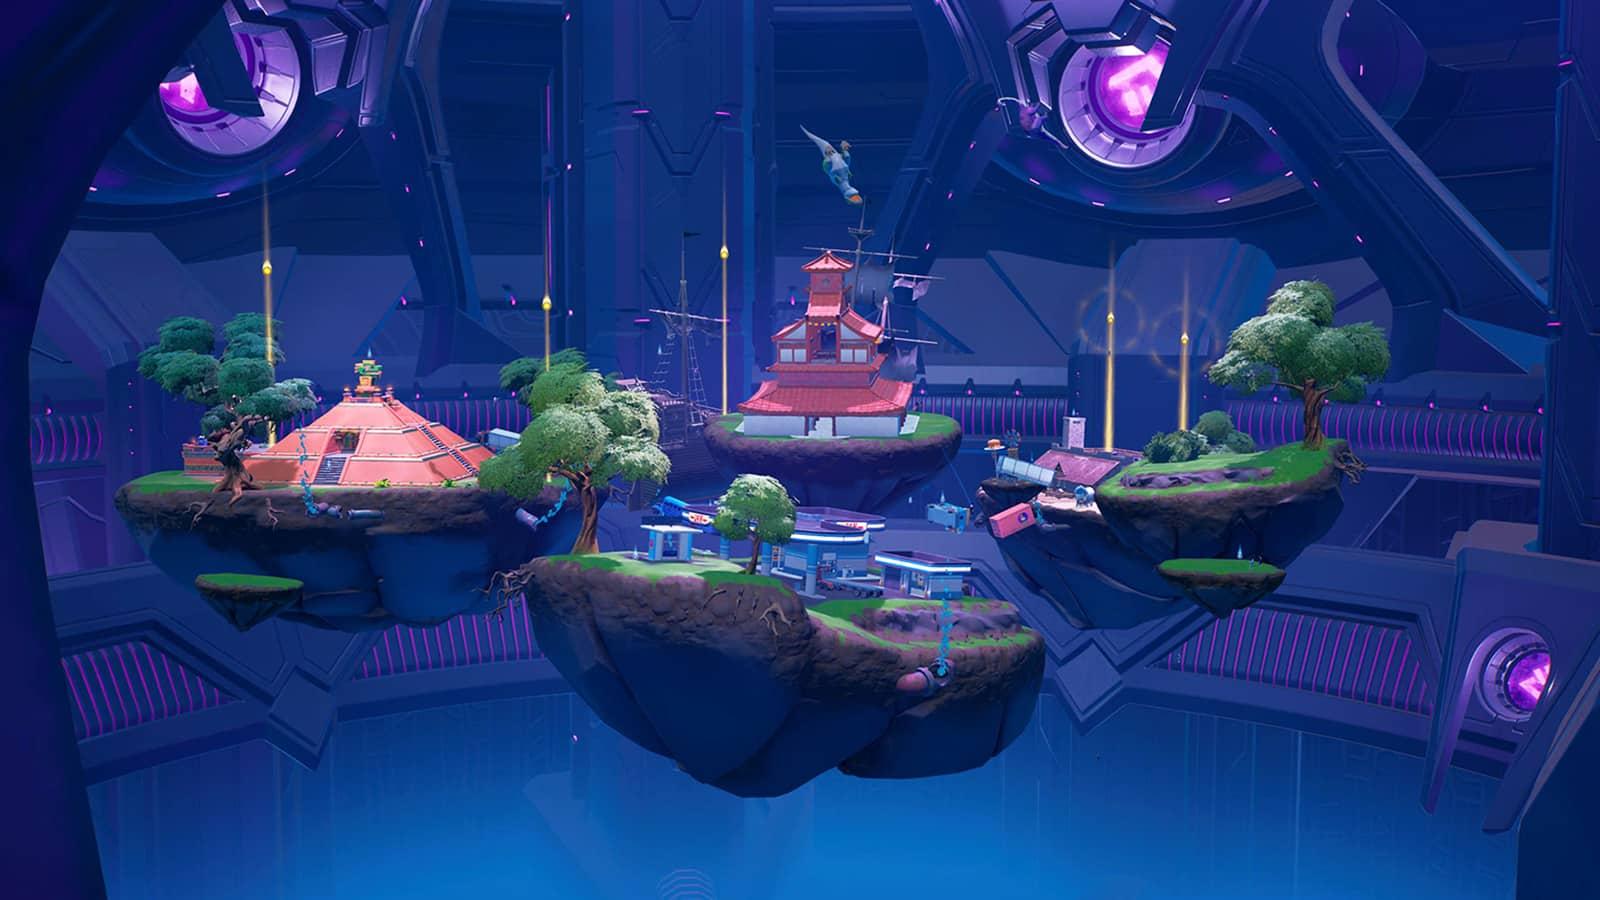 interior de la nave nodriza de Fortnite